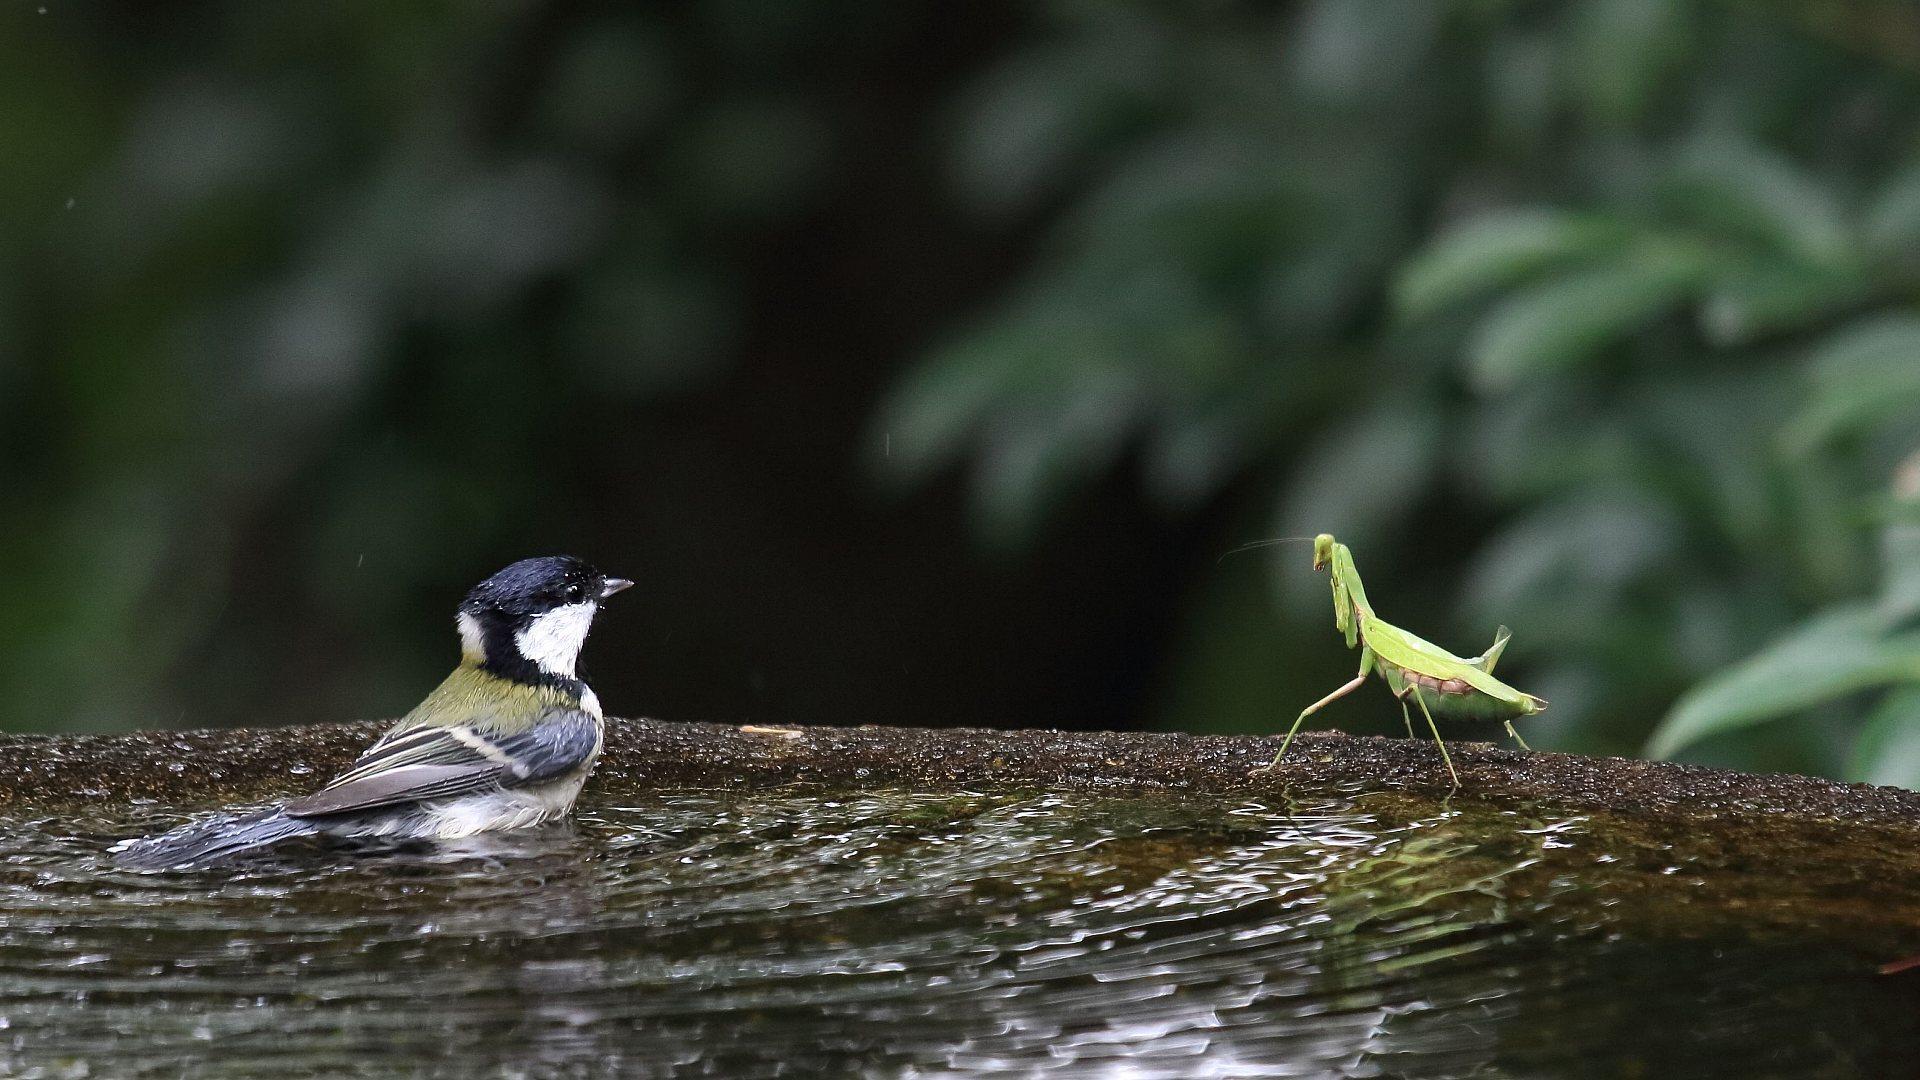 シジュウカラと蟷螂の睨み合い_f0105570_21130574.jpg